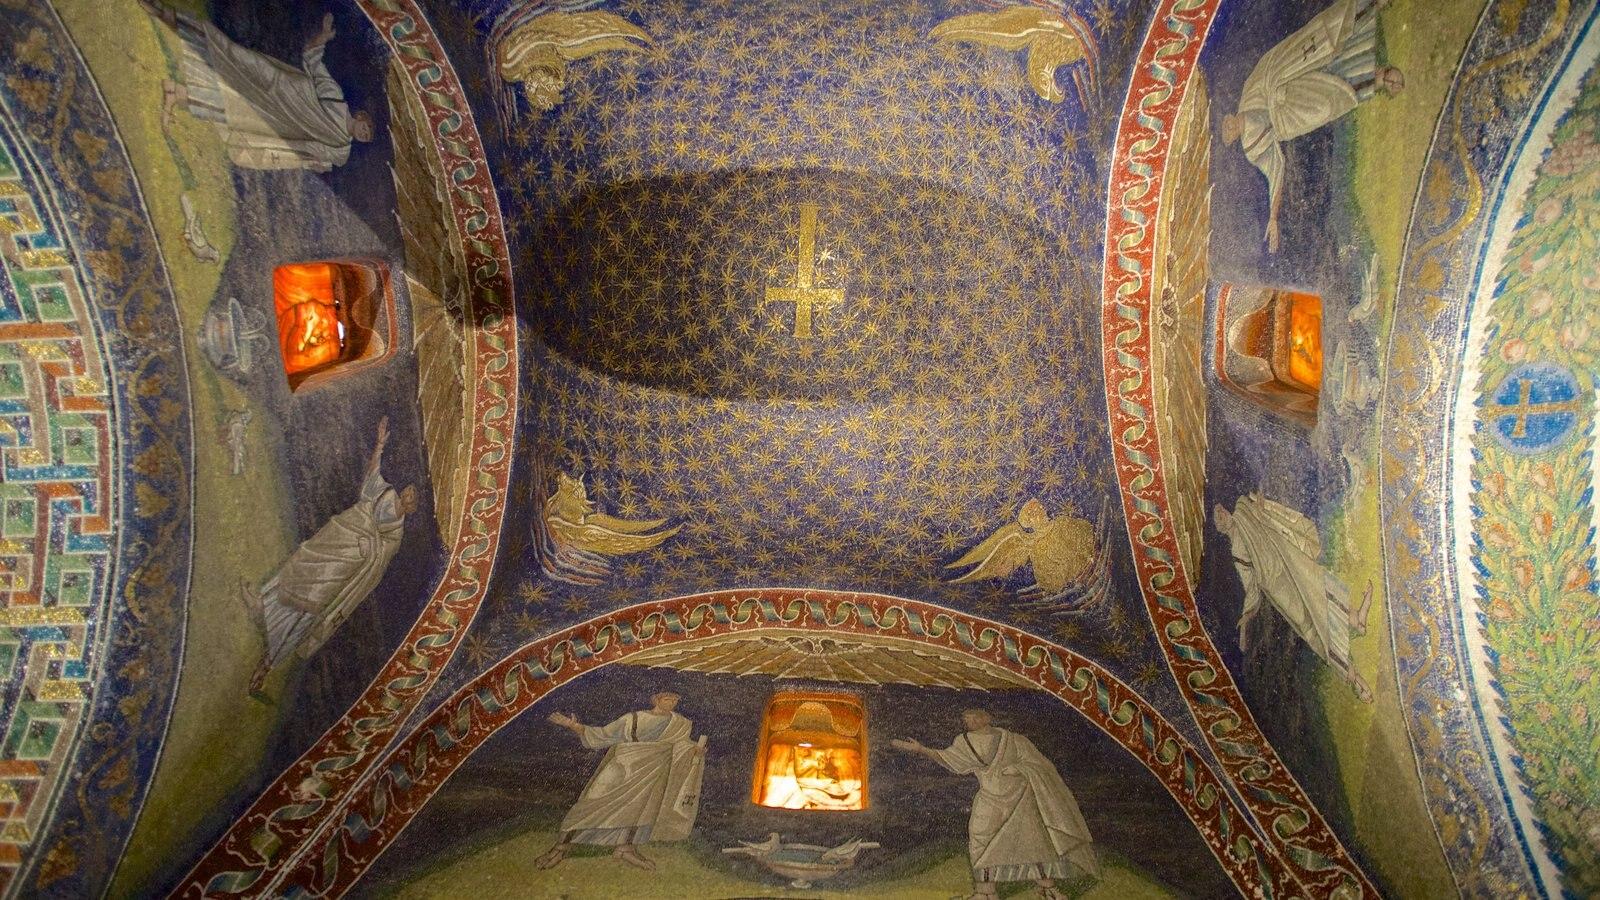 Mausoléu de Galla Placidia mostrando elementos de patrimônio, elementos religiosos e vistas internas